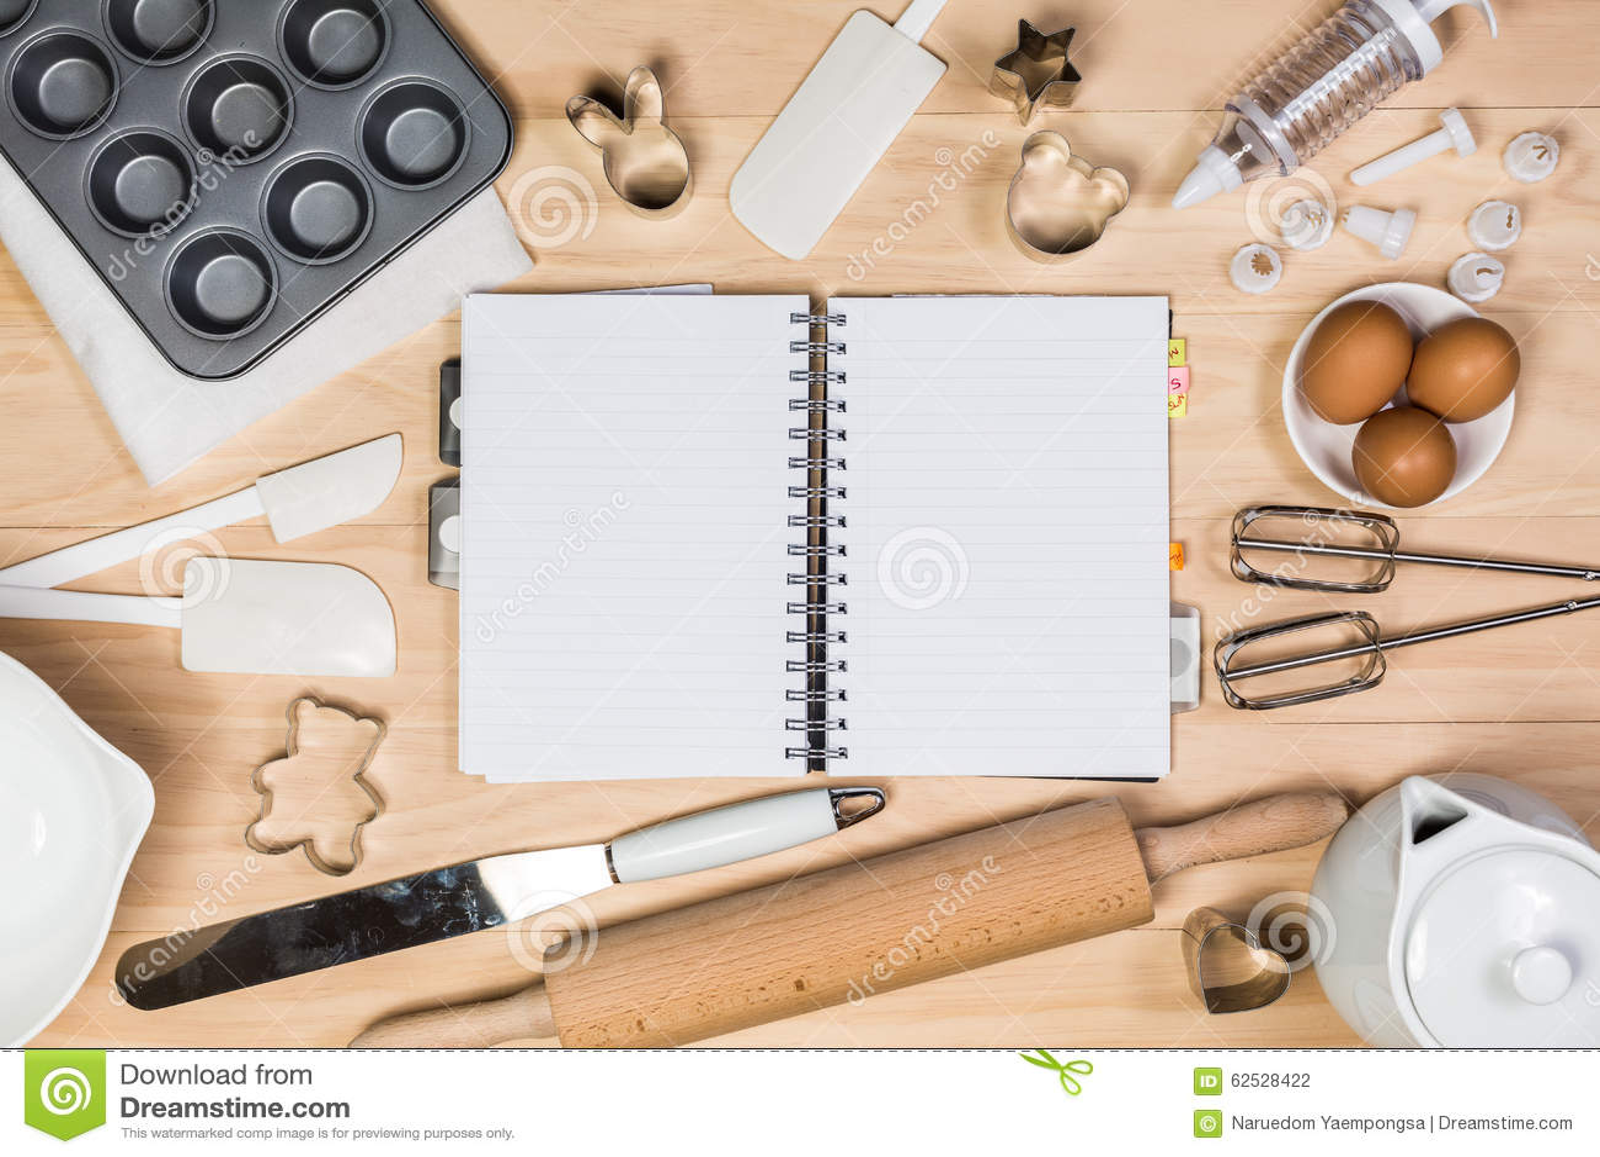 烘烤和酥皮点心工具有笔记本的